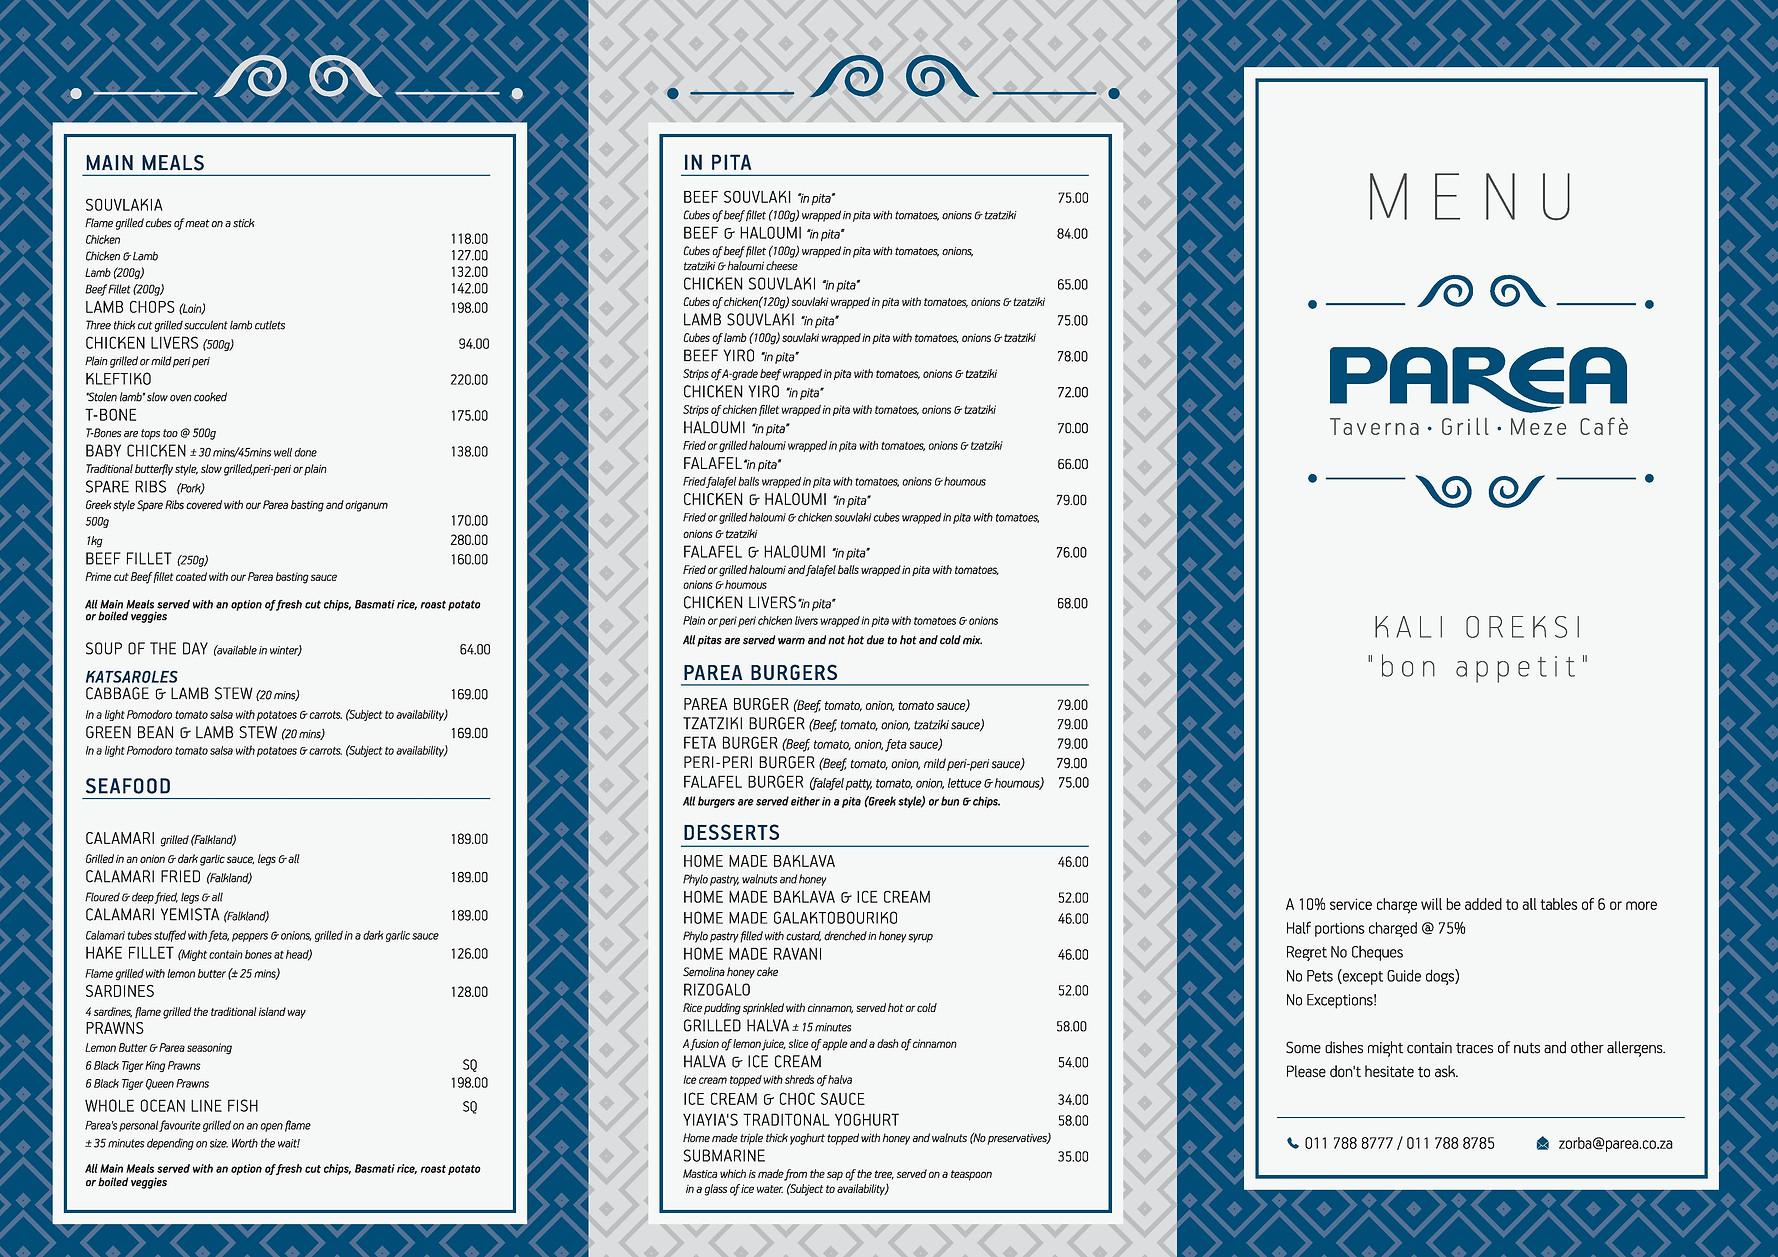 Parea menu October 2020-page-01.jpg